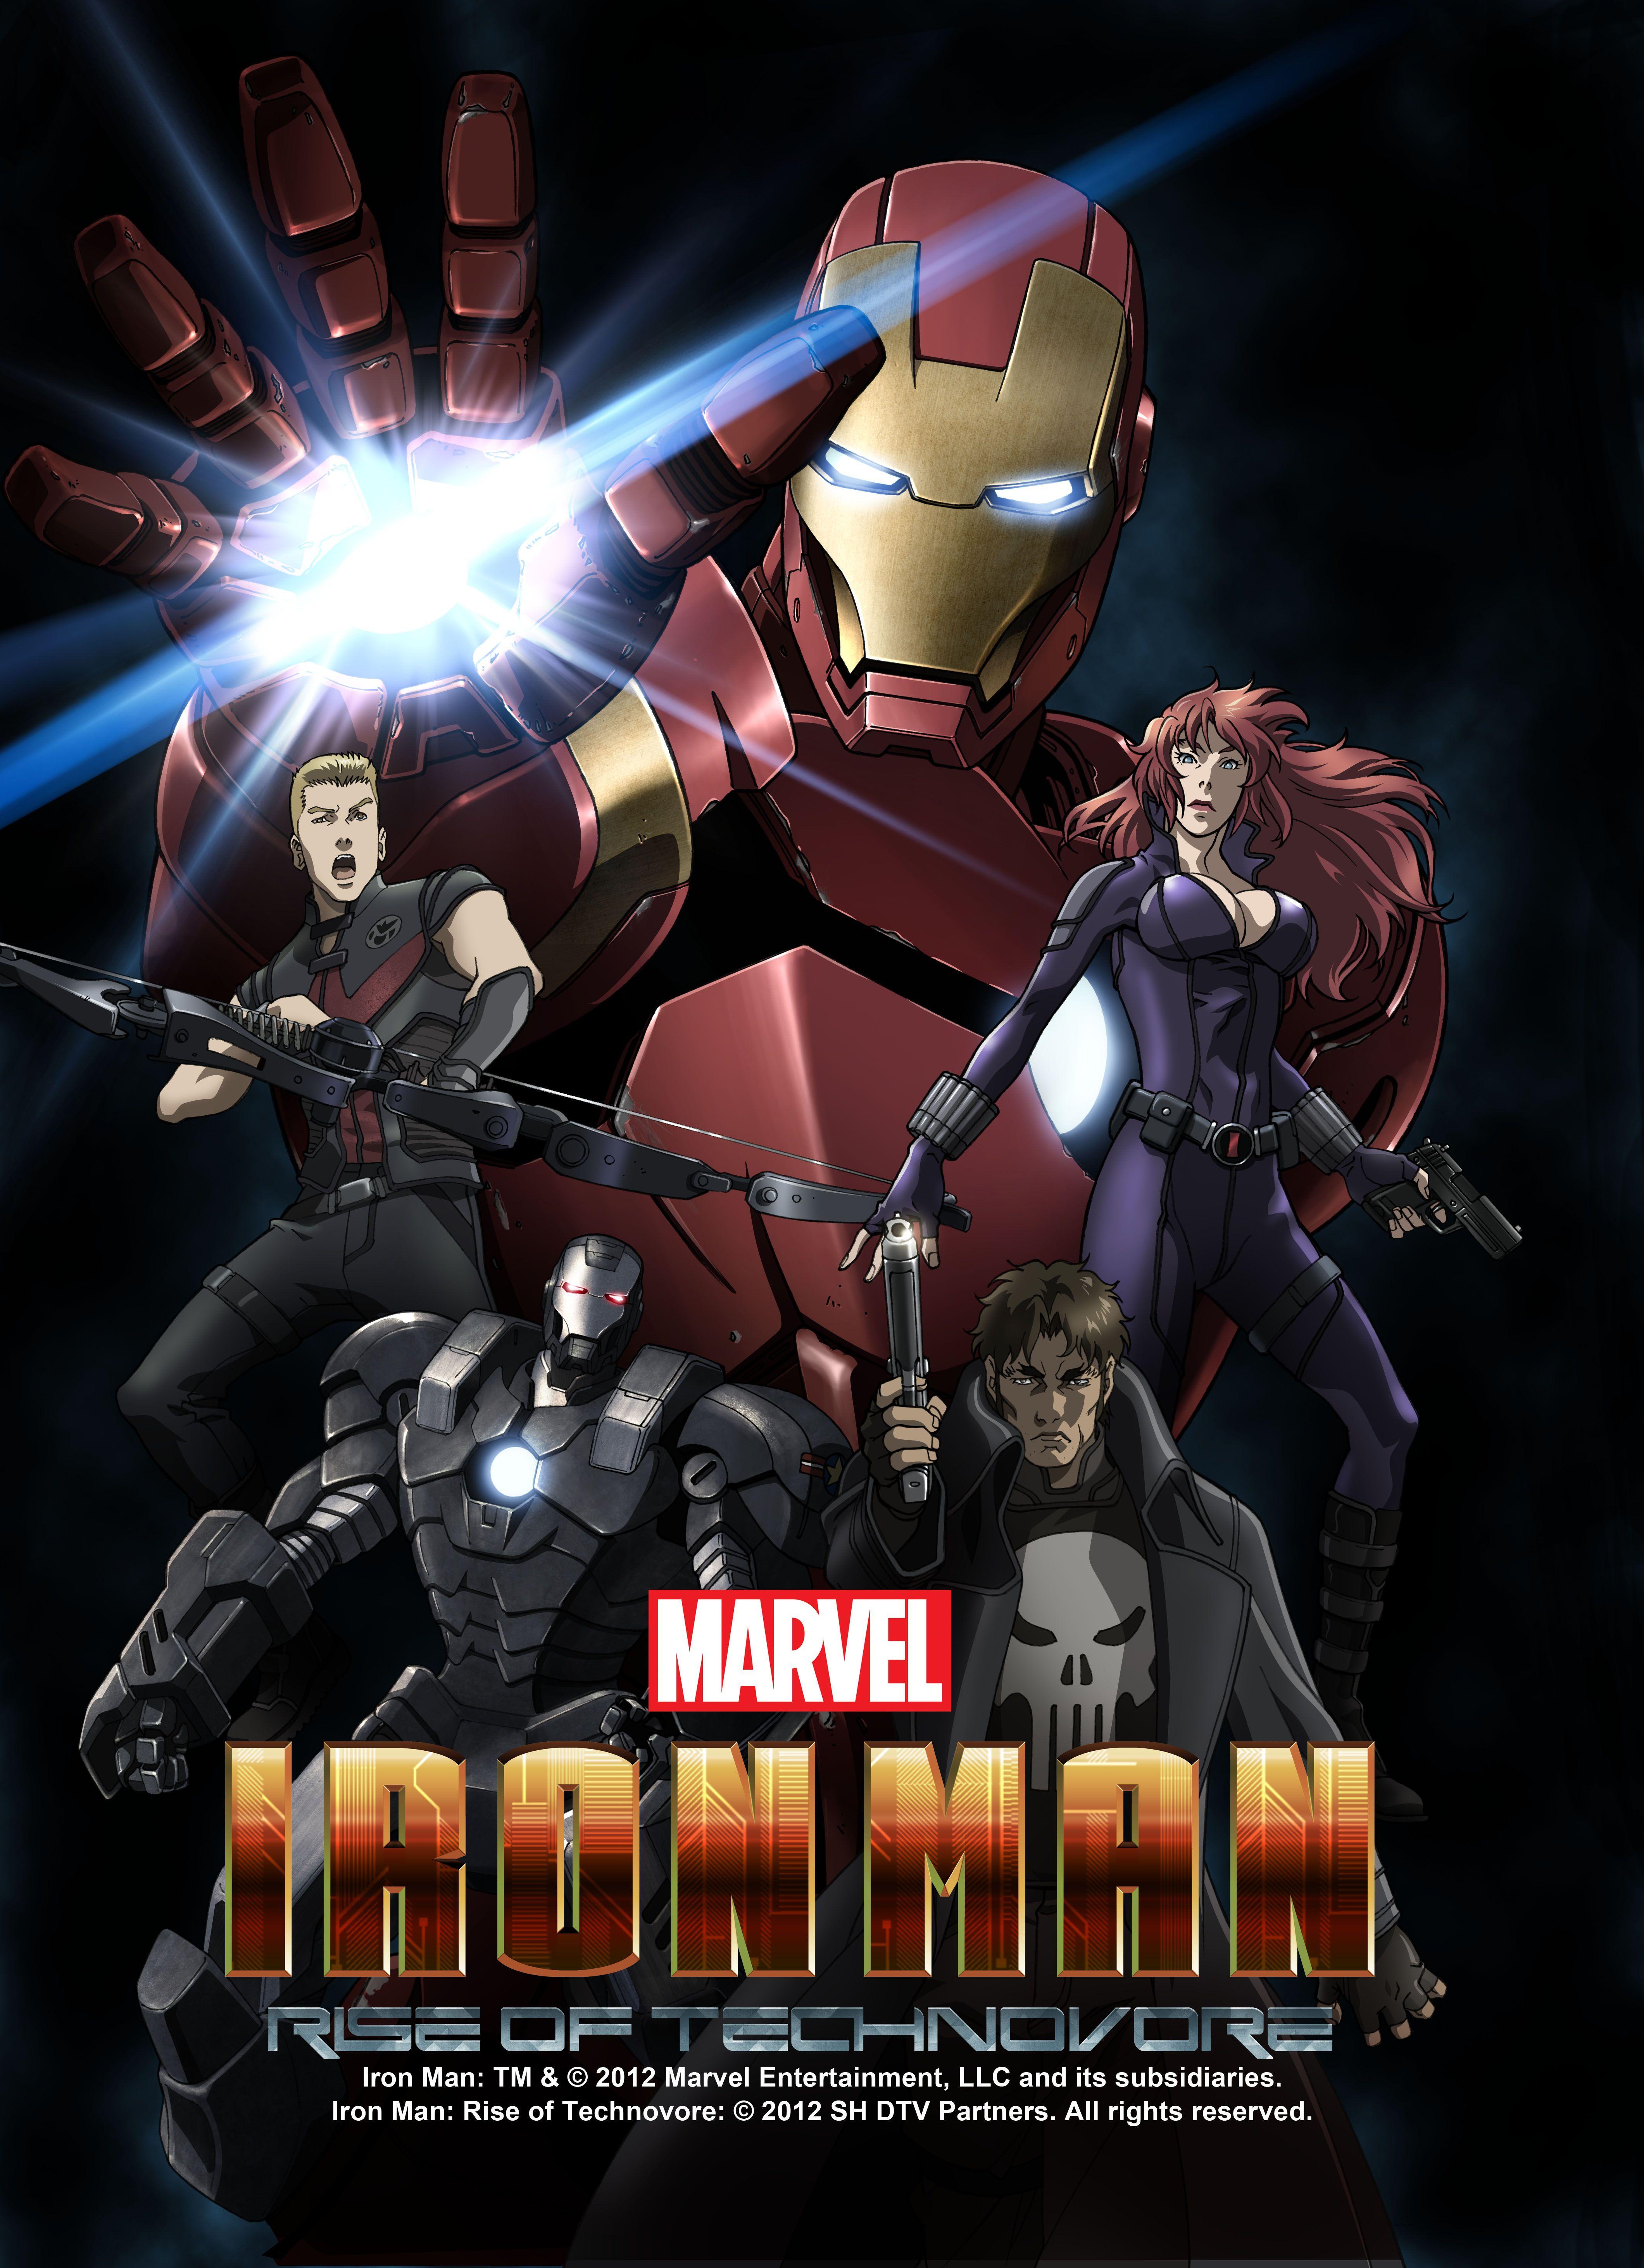 Iron Man Rise of the Technovore Poster Iron man, Iron